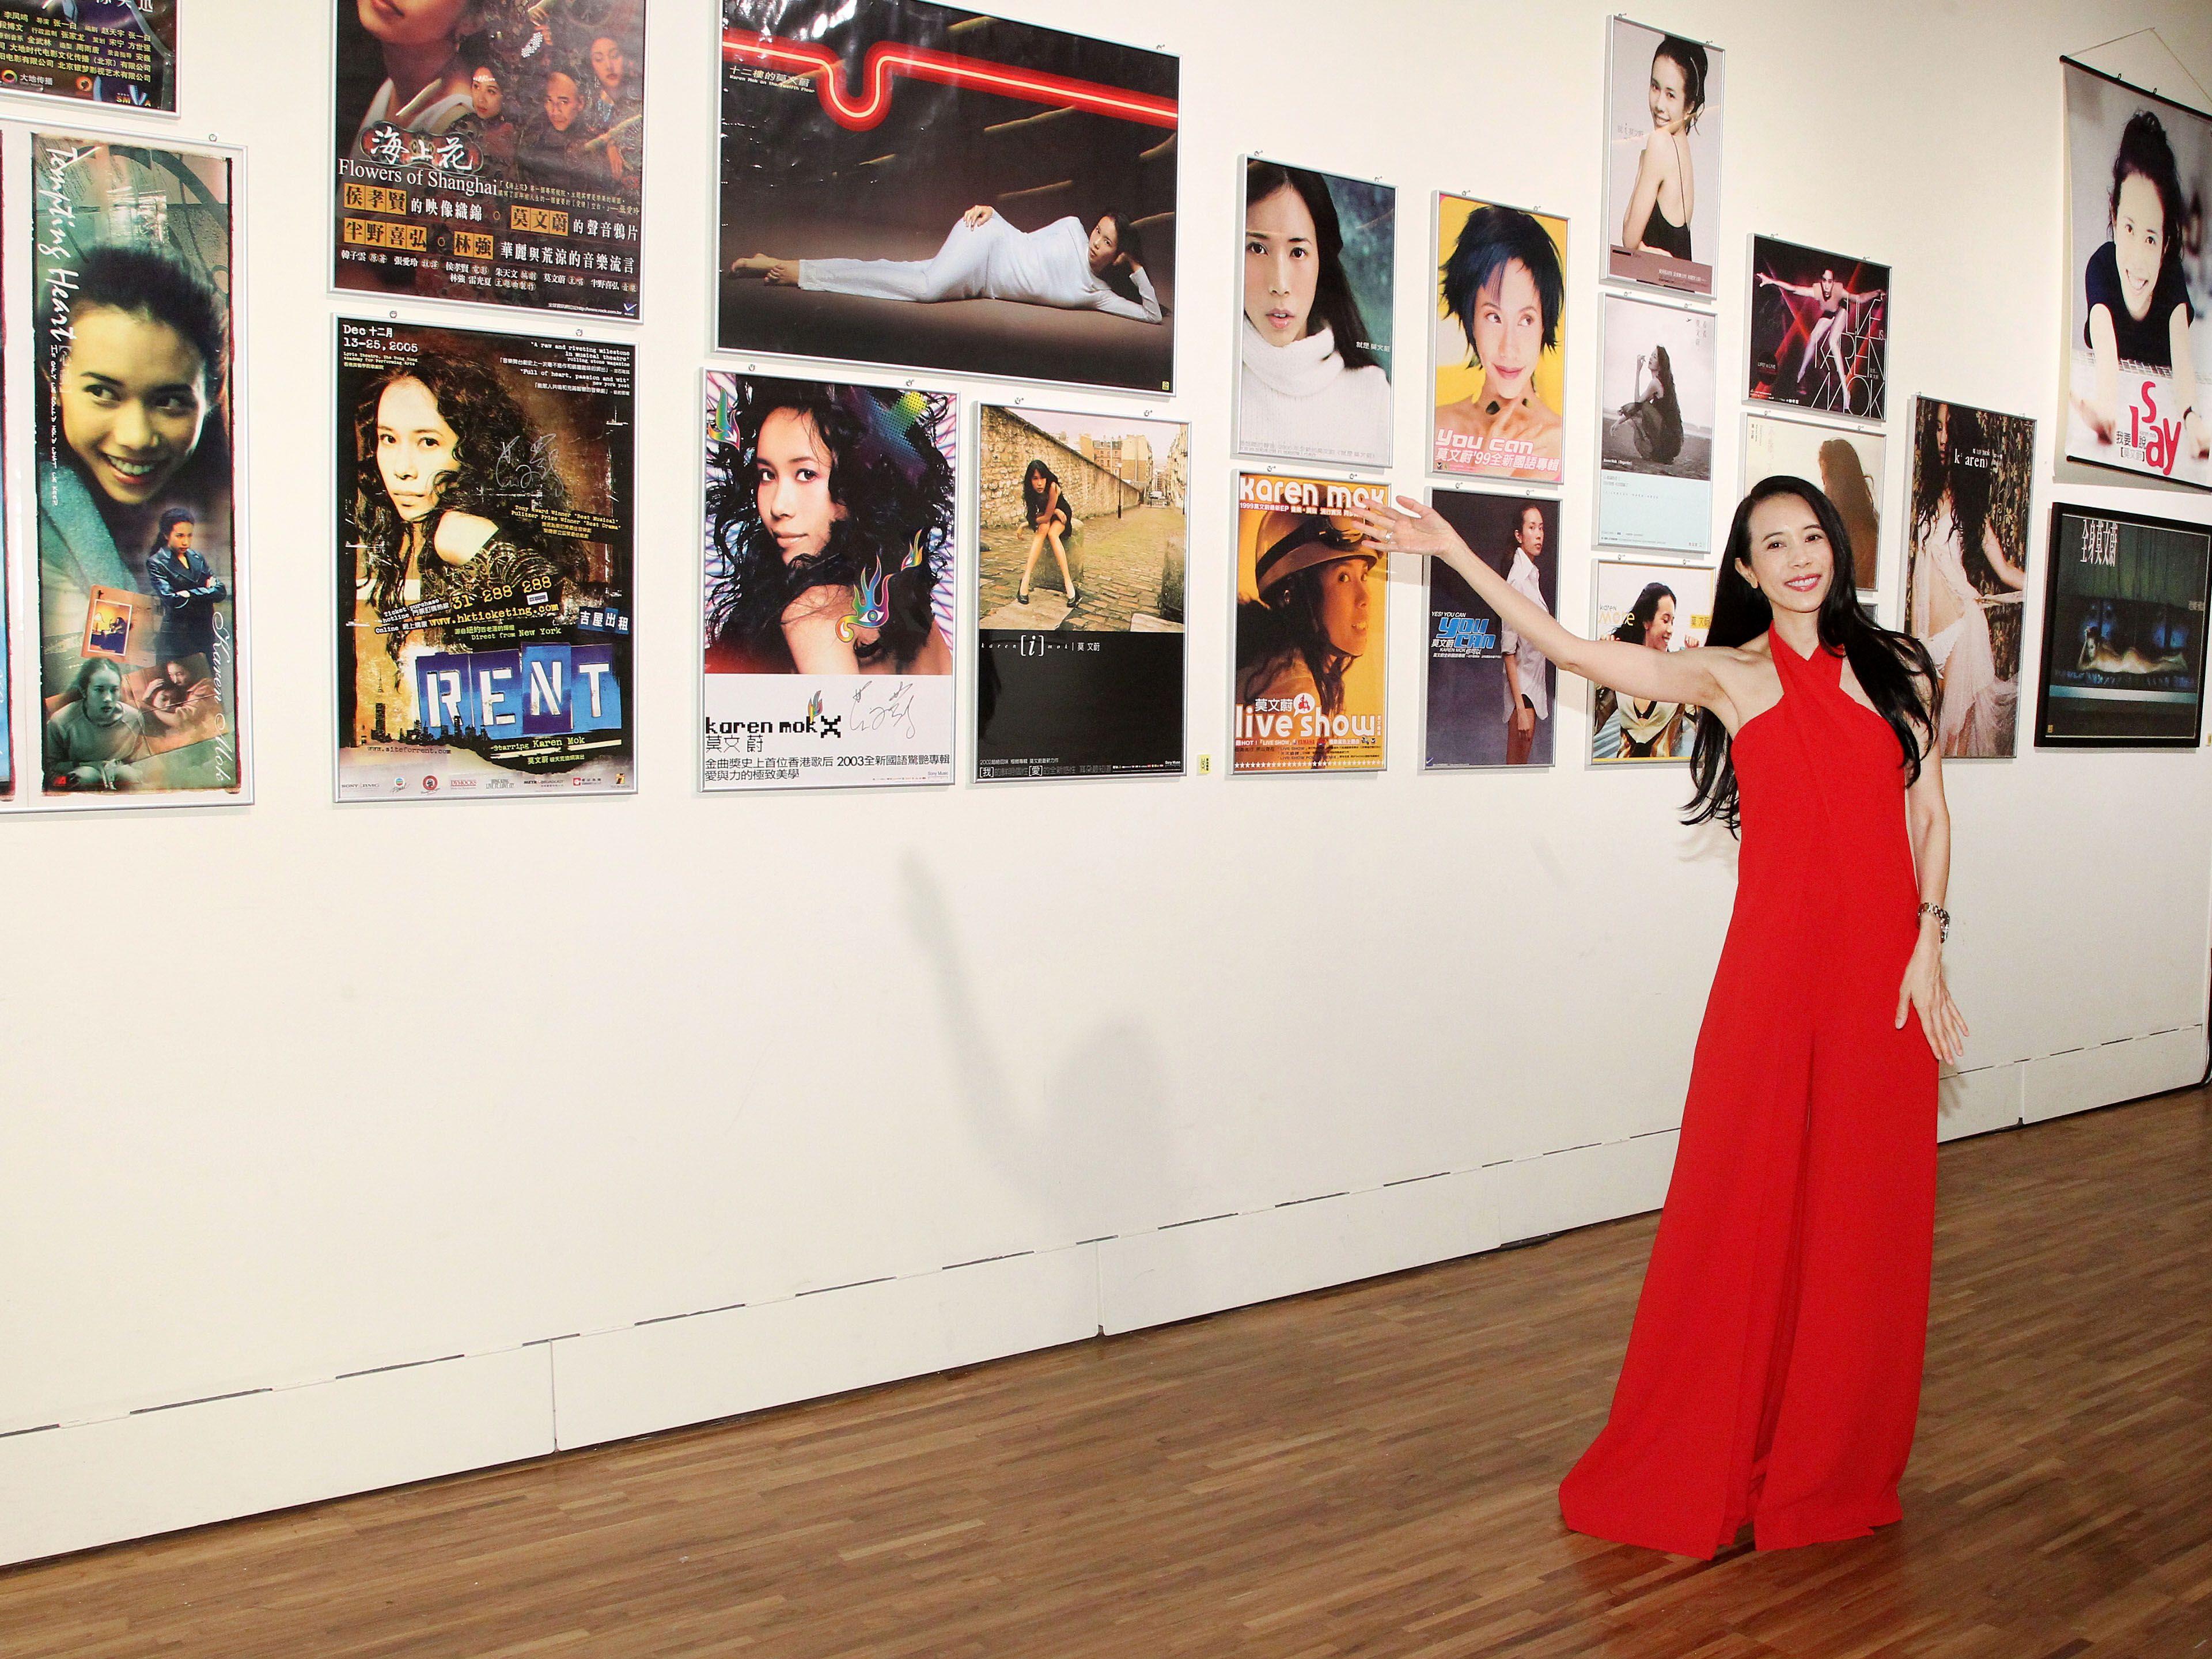 莫文蔚一身火紅褲裝出席「我們在中場相遇」新歌搶聽會。(記者邱榮吉/攝影)